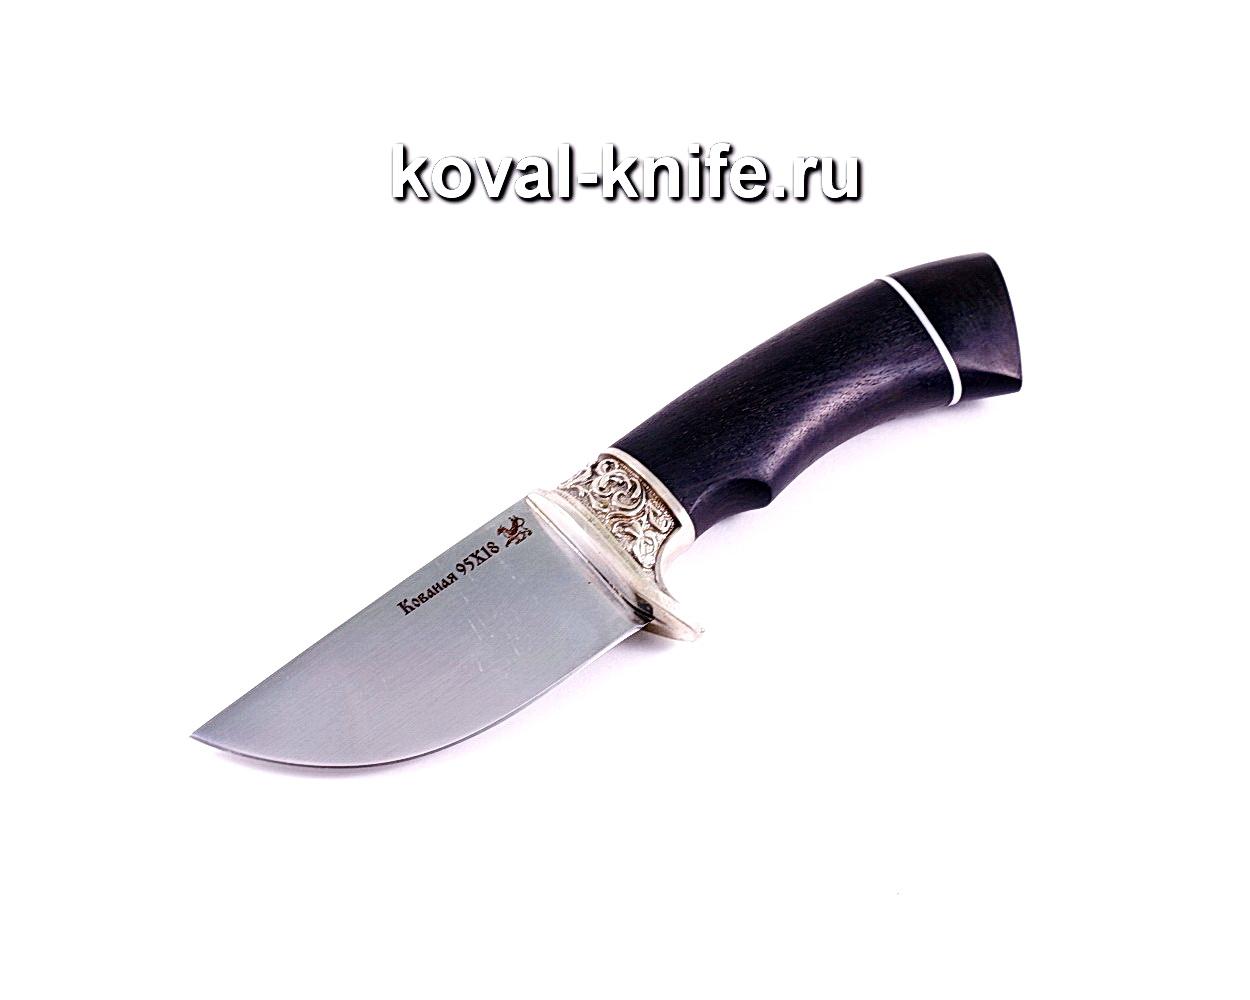 Нож Скин (сталь 95х18), рукоять граб, литье A028